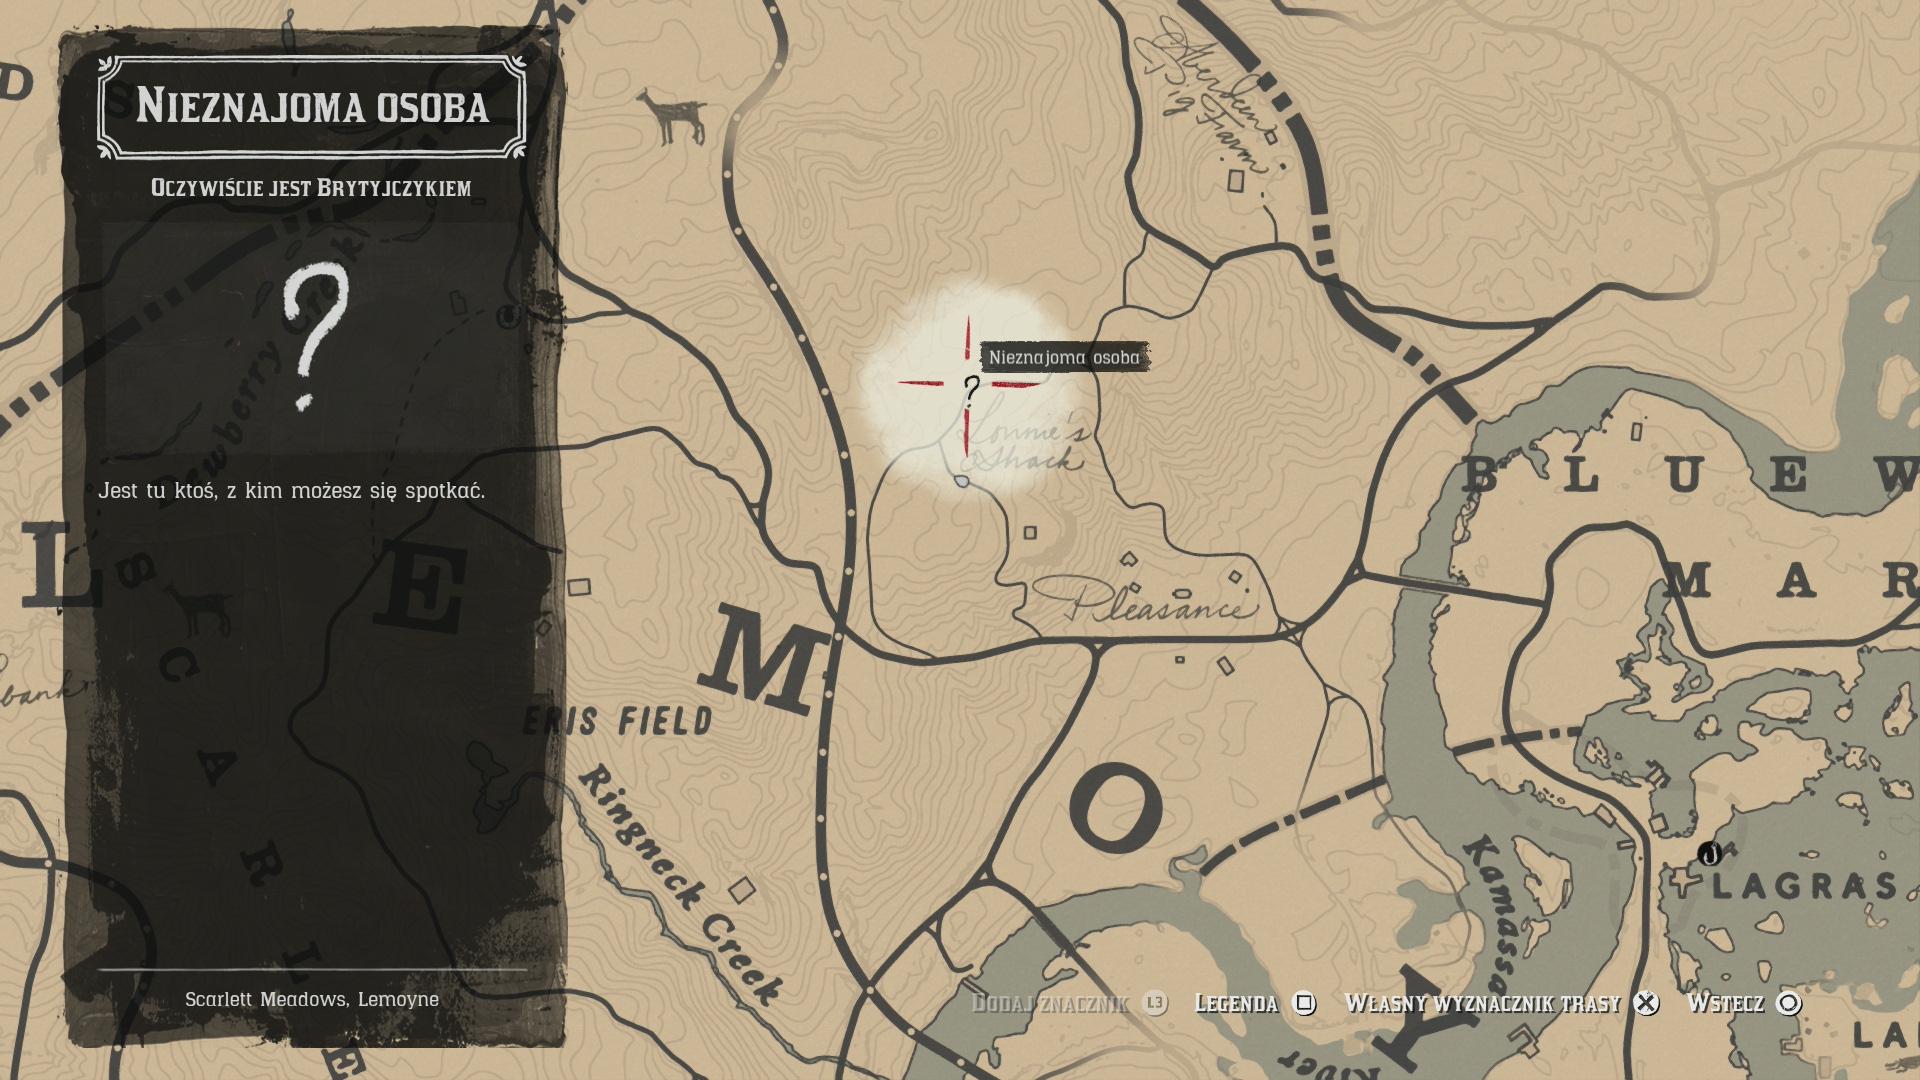 bfa9f043454f83 W zaznaczonym obszarze znajdziesz zniszczony wóz cyrkowy, będzie na nim  siedział mężczyzna przebrany za kobietę, Margaret, a zbliżenie się do niego  ...